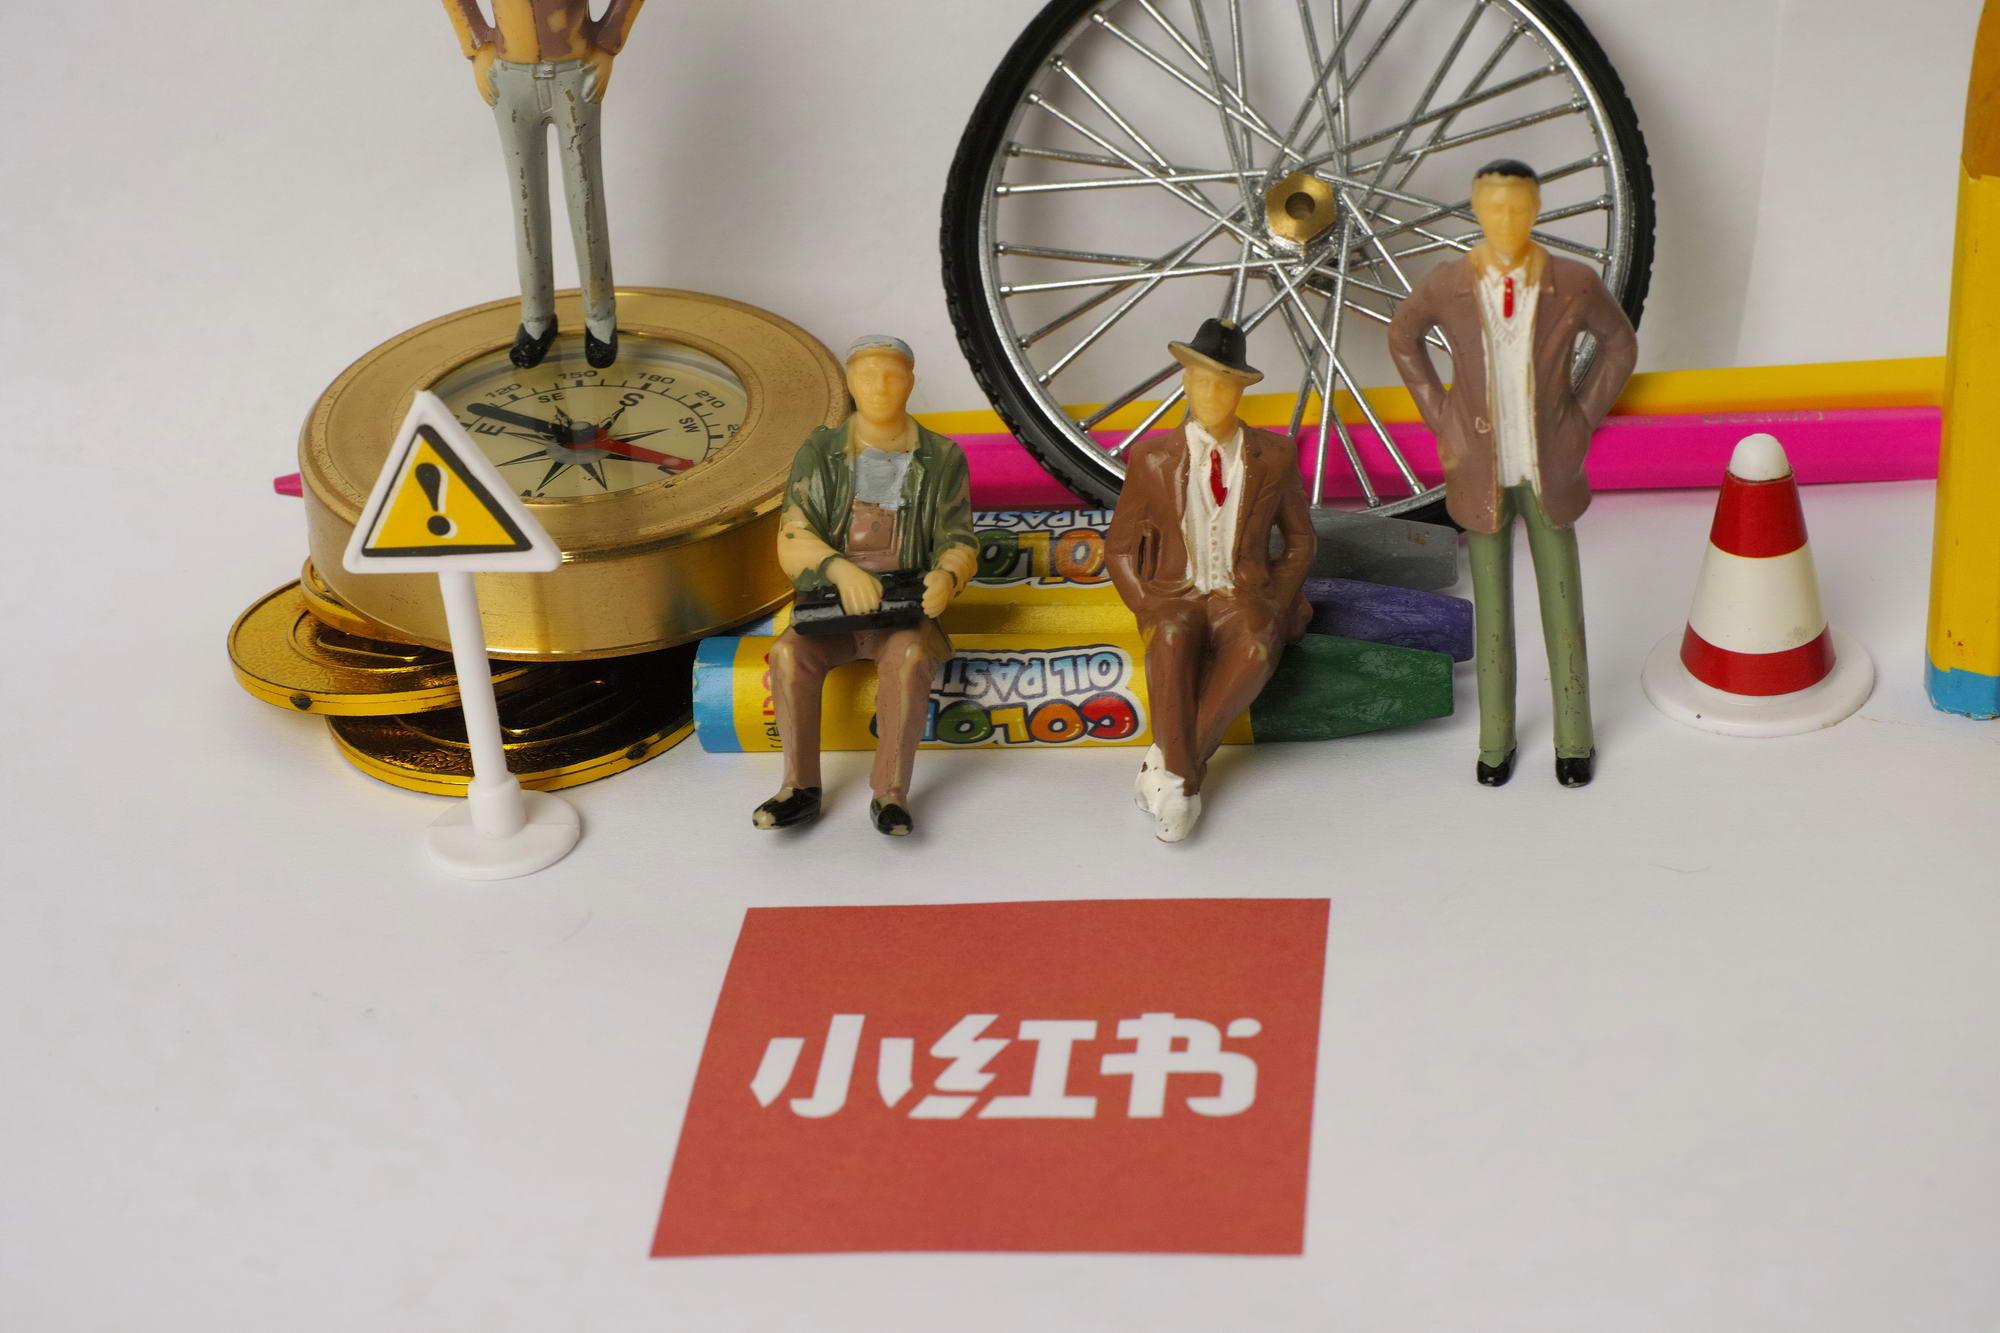 付鹏宣布10月21日将在小红书直播带货首秀_人物_电商之家